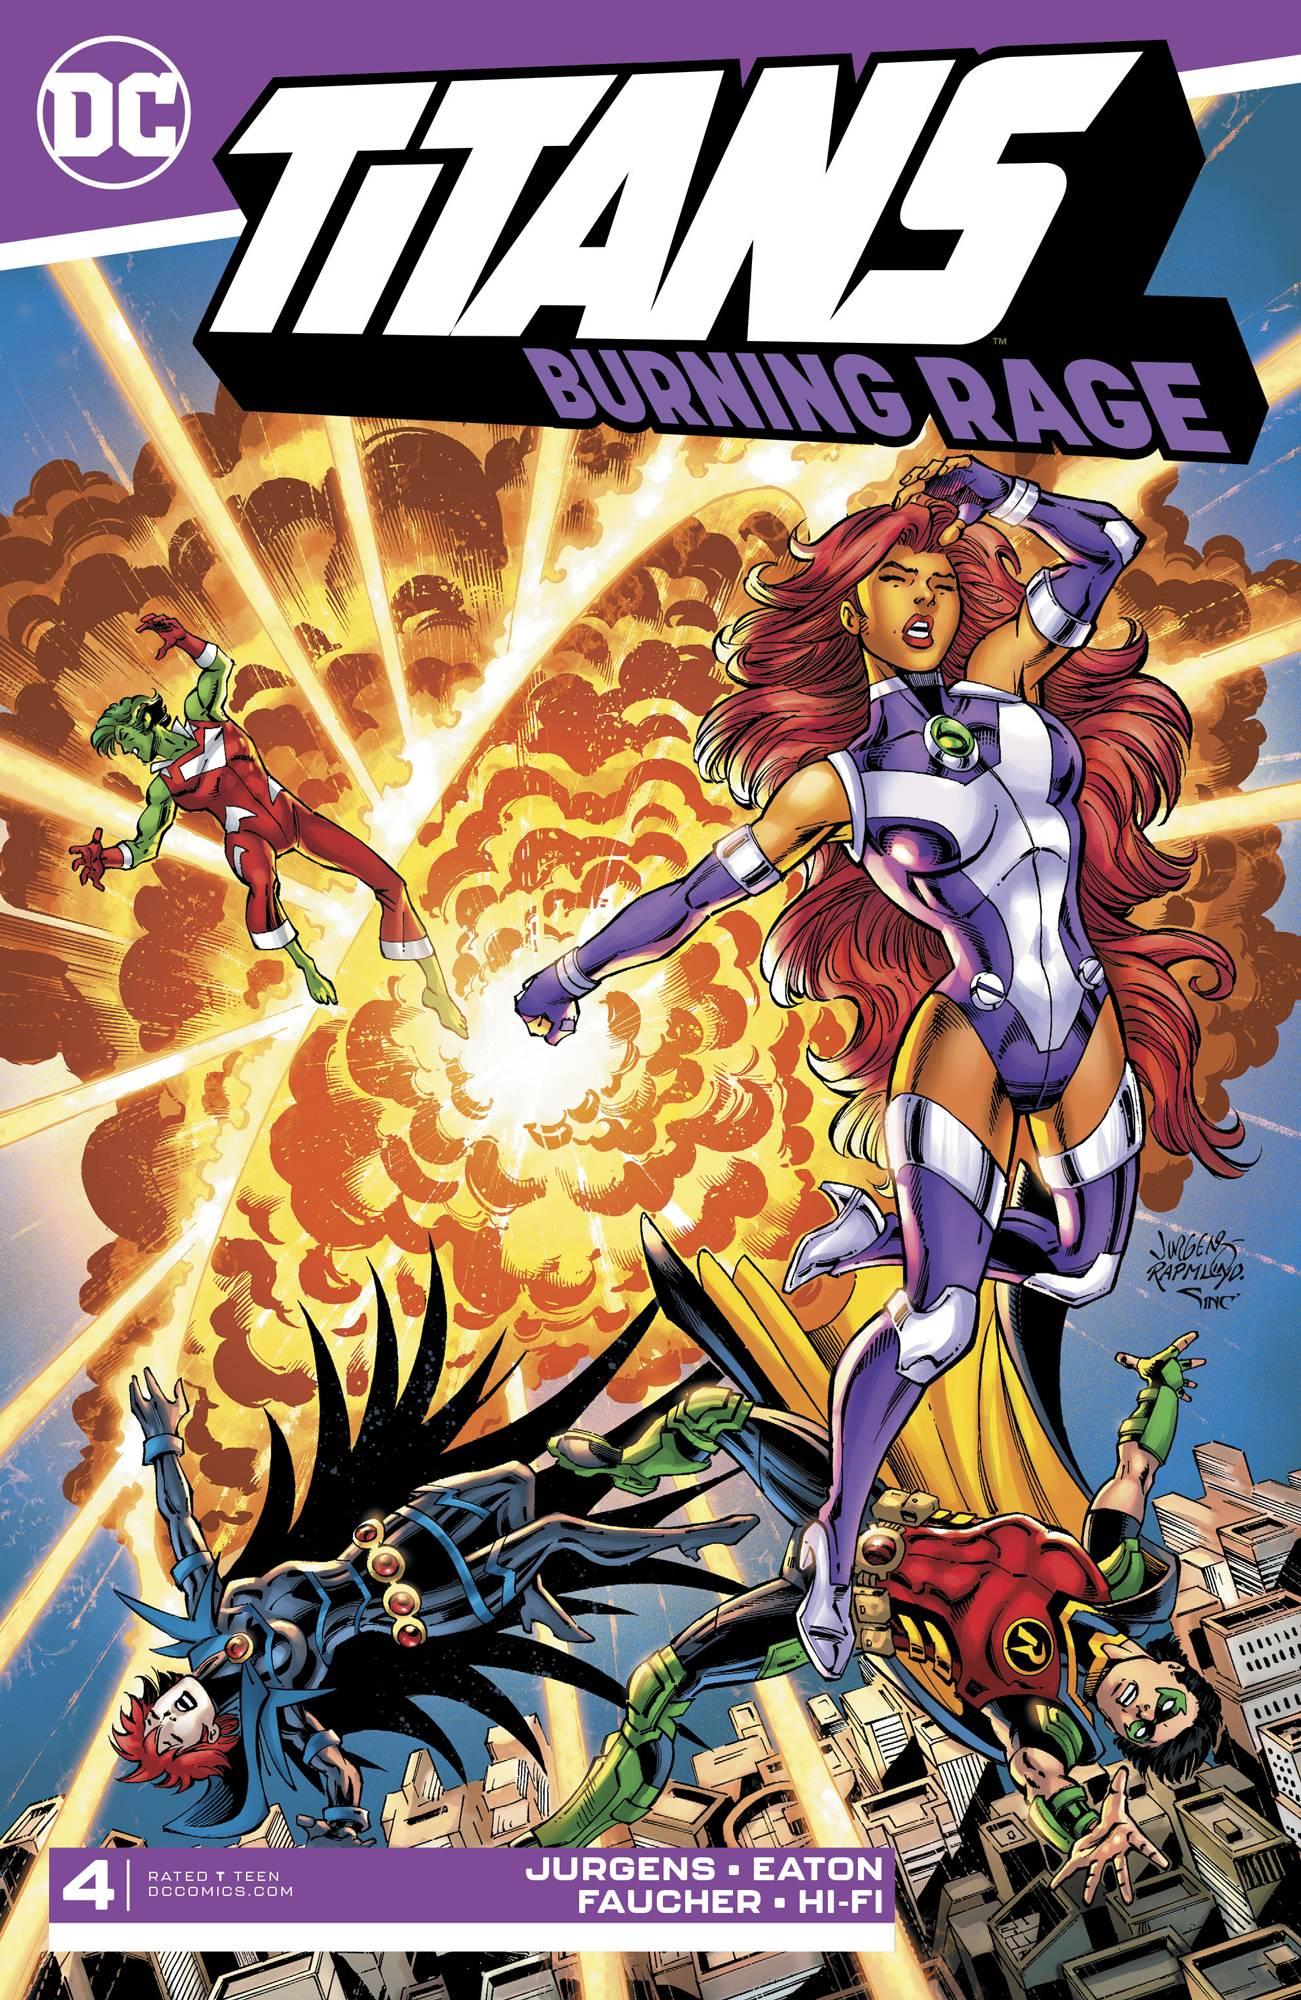 Titans: Burning Rage #4 (2019)